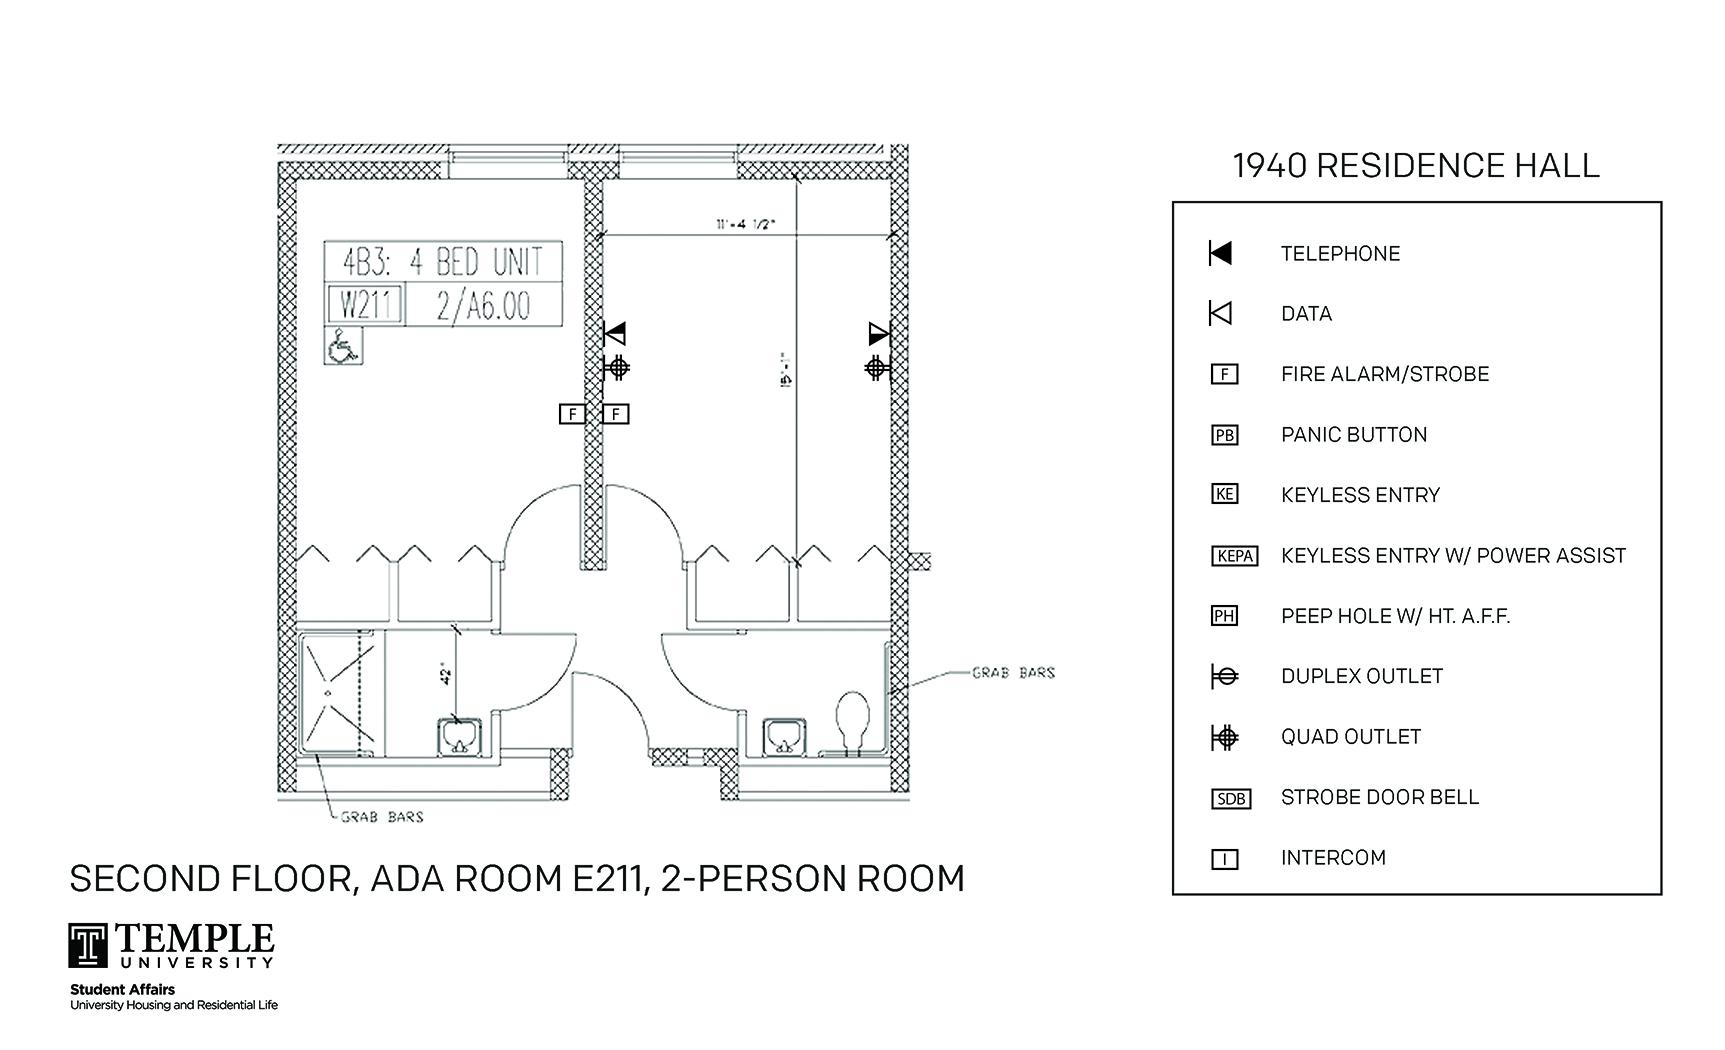 Accessible Room Diagrams: 4 person, 2 bedroom Suite - E211